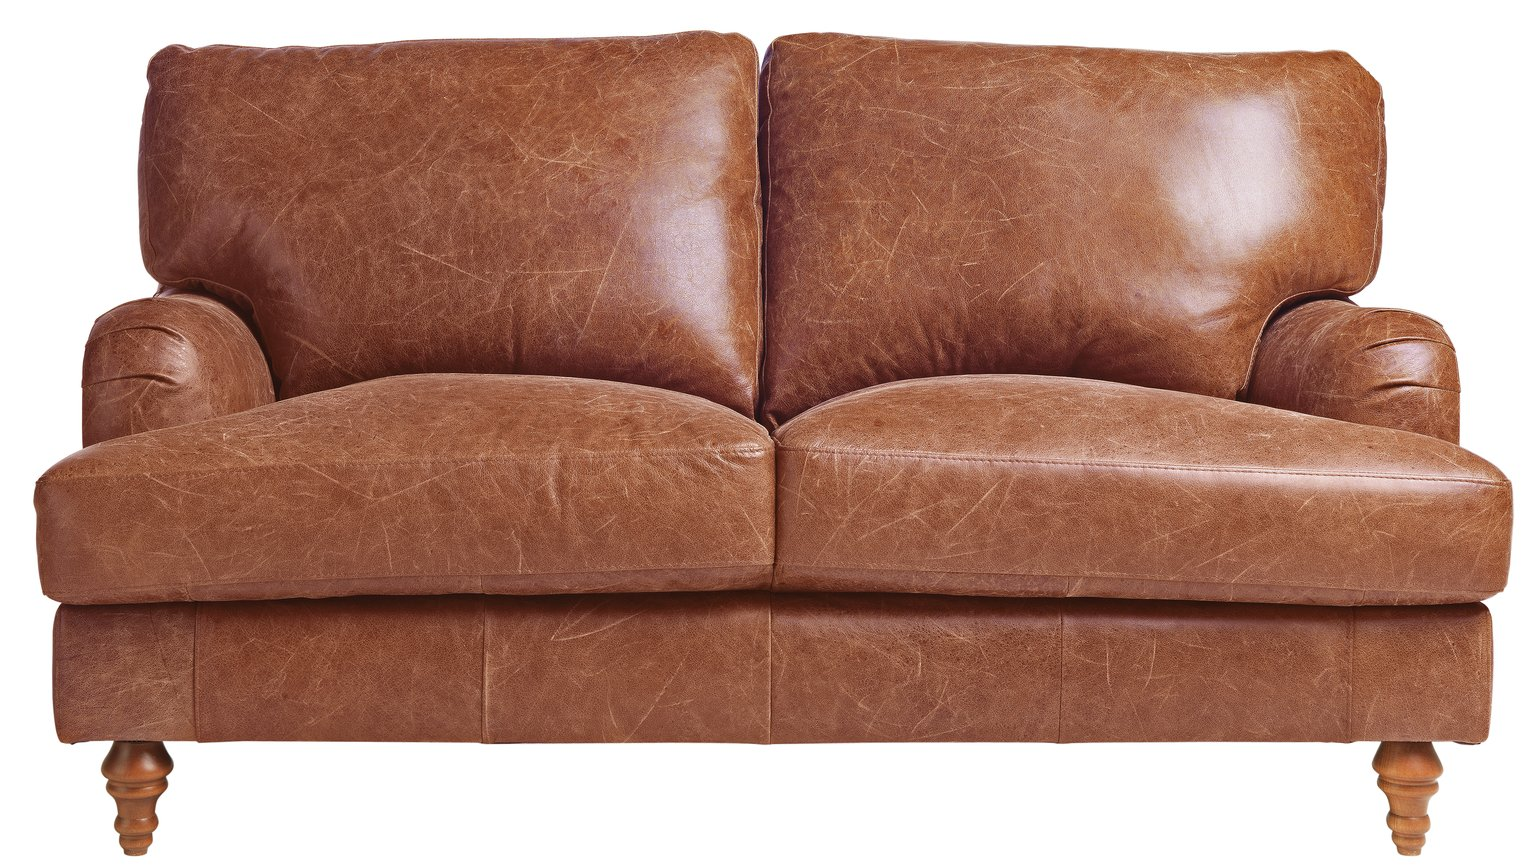 Habitat Livingston 2 Seater Leather Sofa - Tan